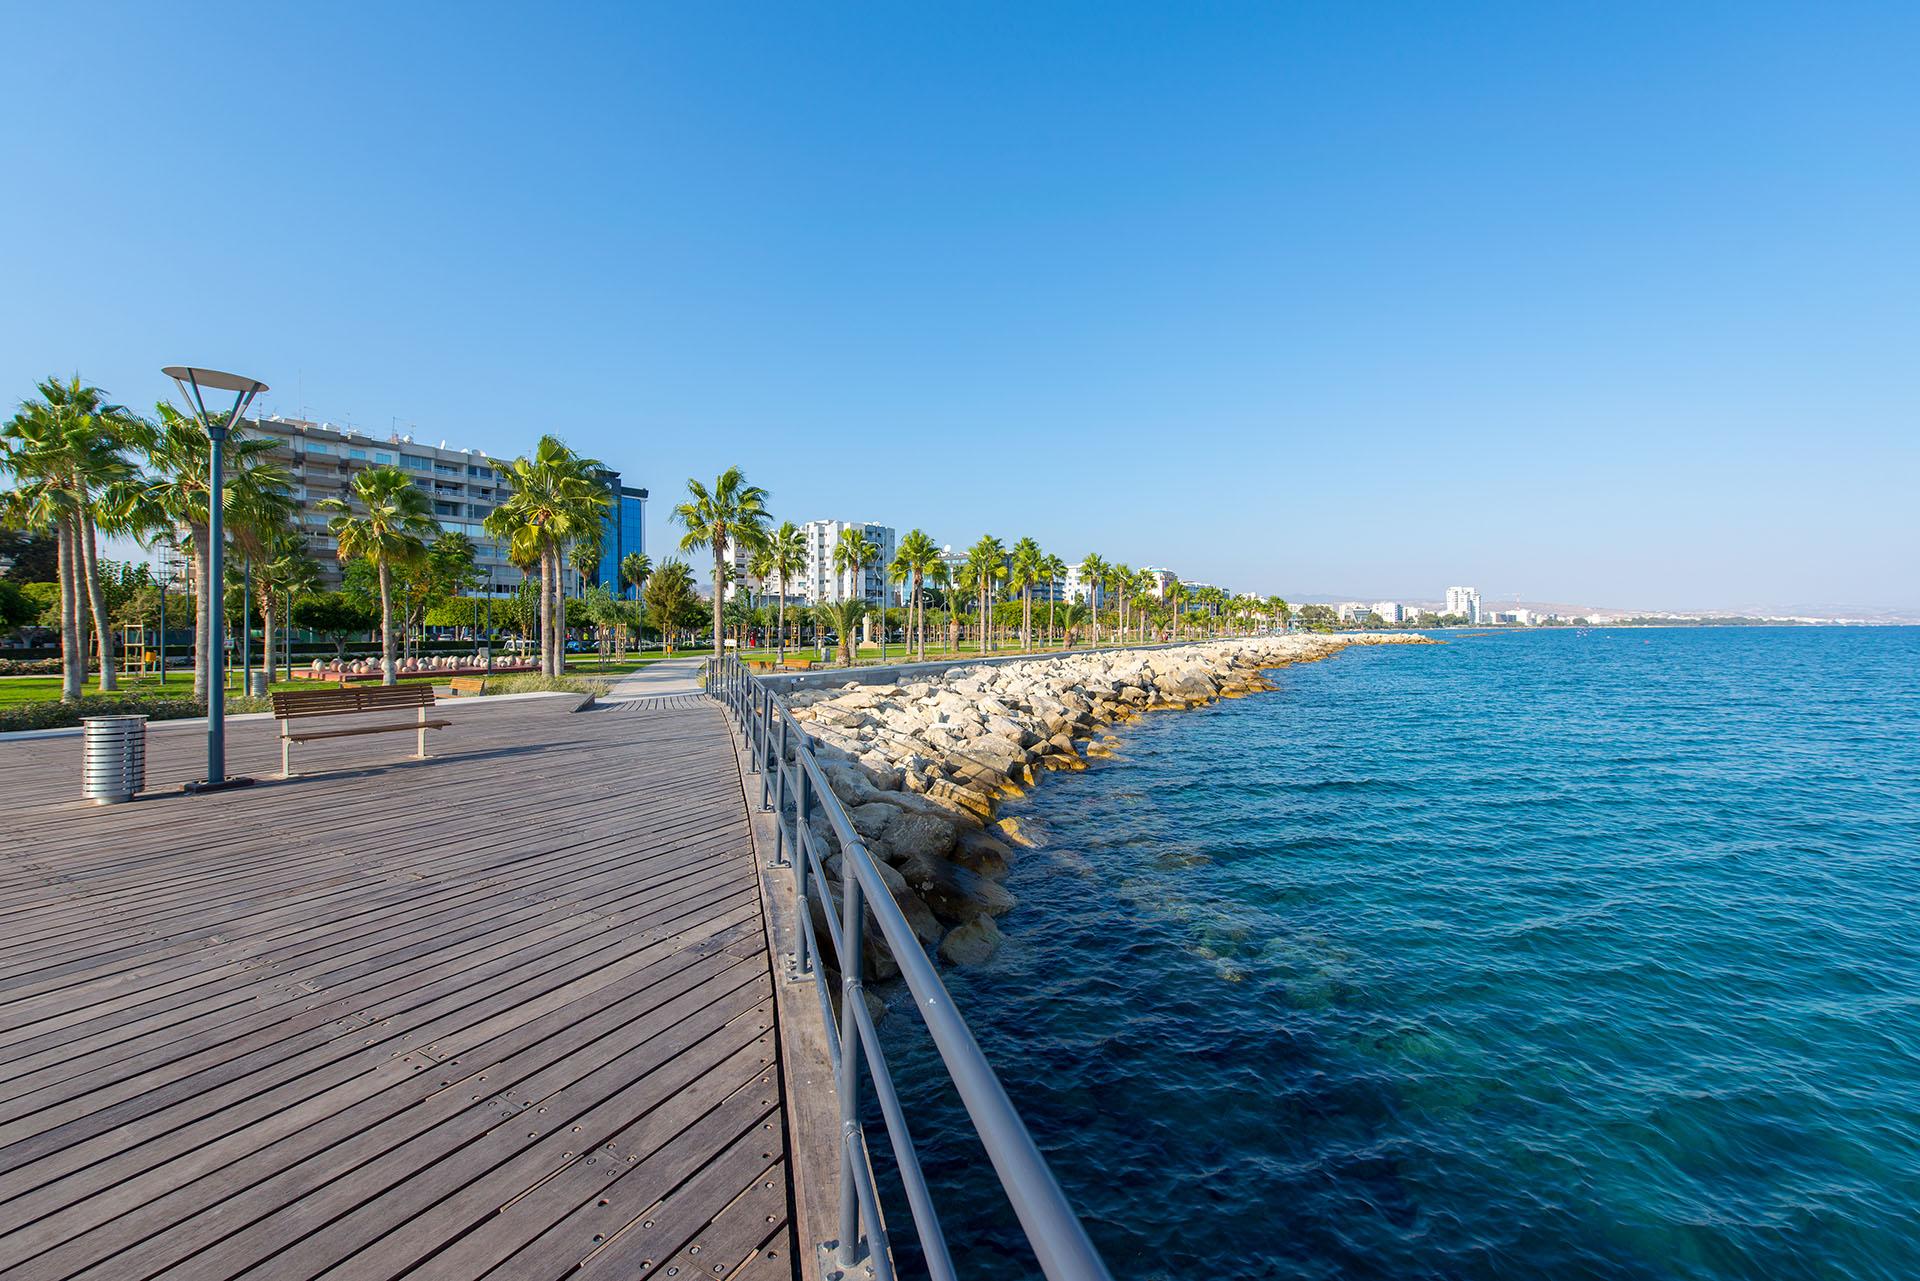 Кипр:  легендарный остров любви Кипр:  легендарный остров любви tild6366 3462 4330 b139 623539666235  lemesos molos2885agi